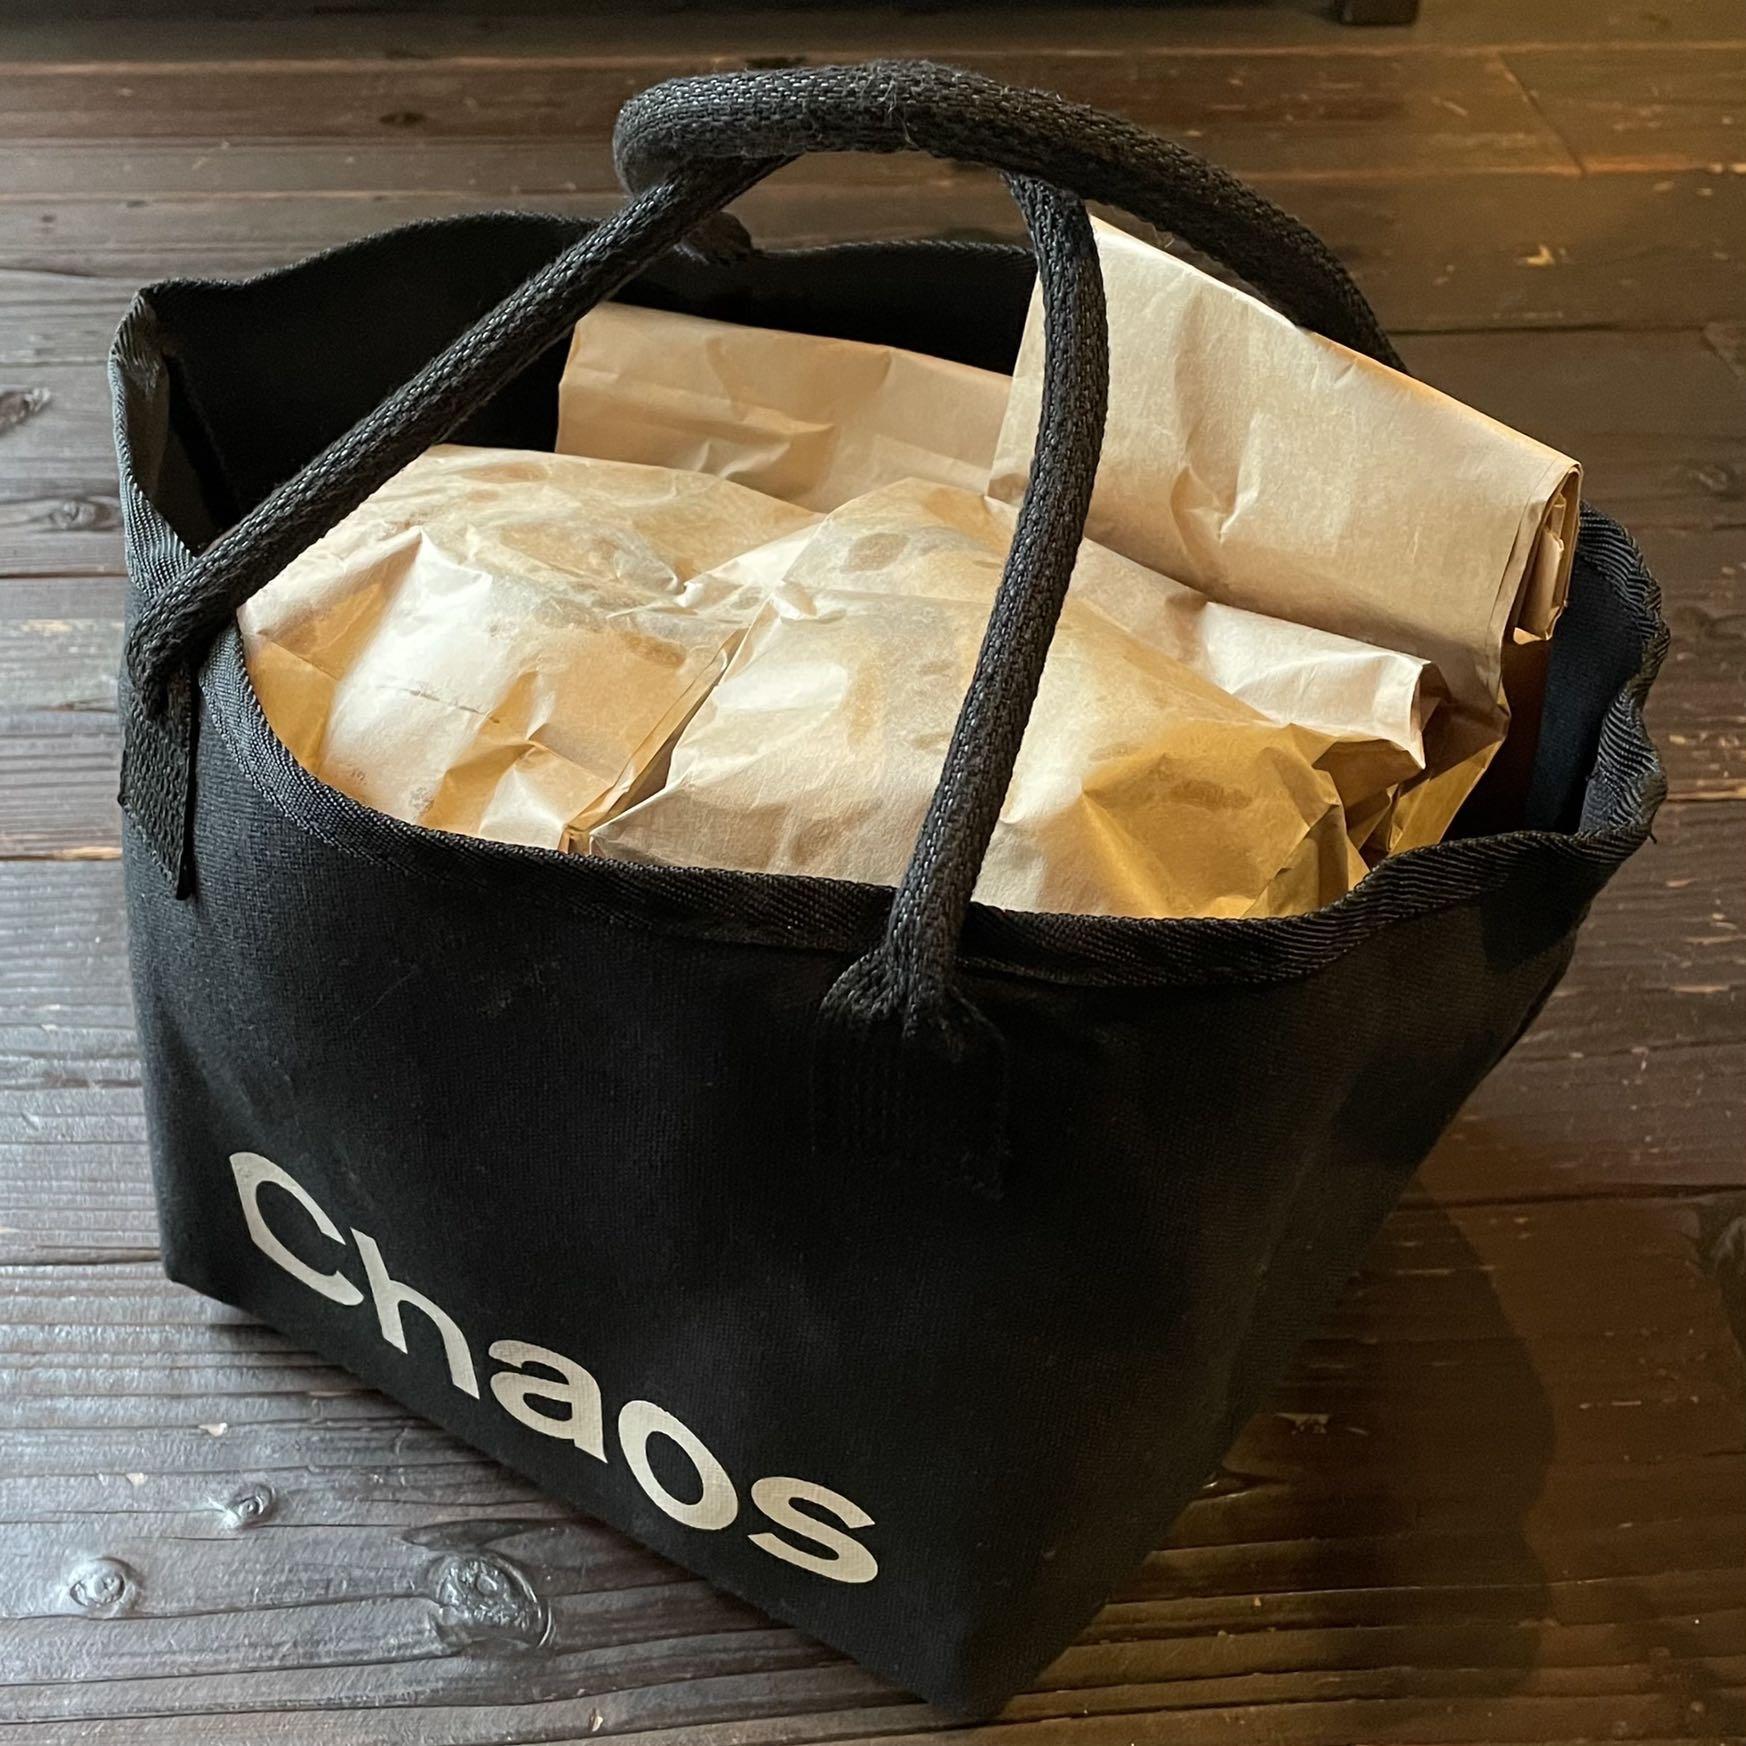 バッグ2個持ちにも合わせやすい!「Chaos」のバッグ_1_6